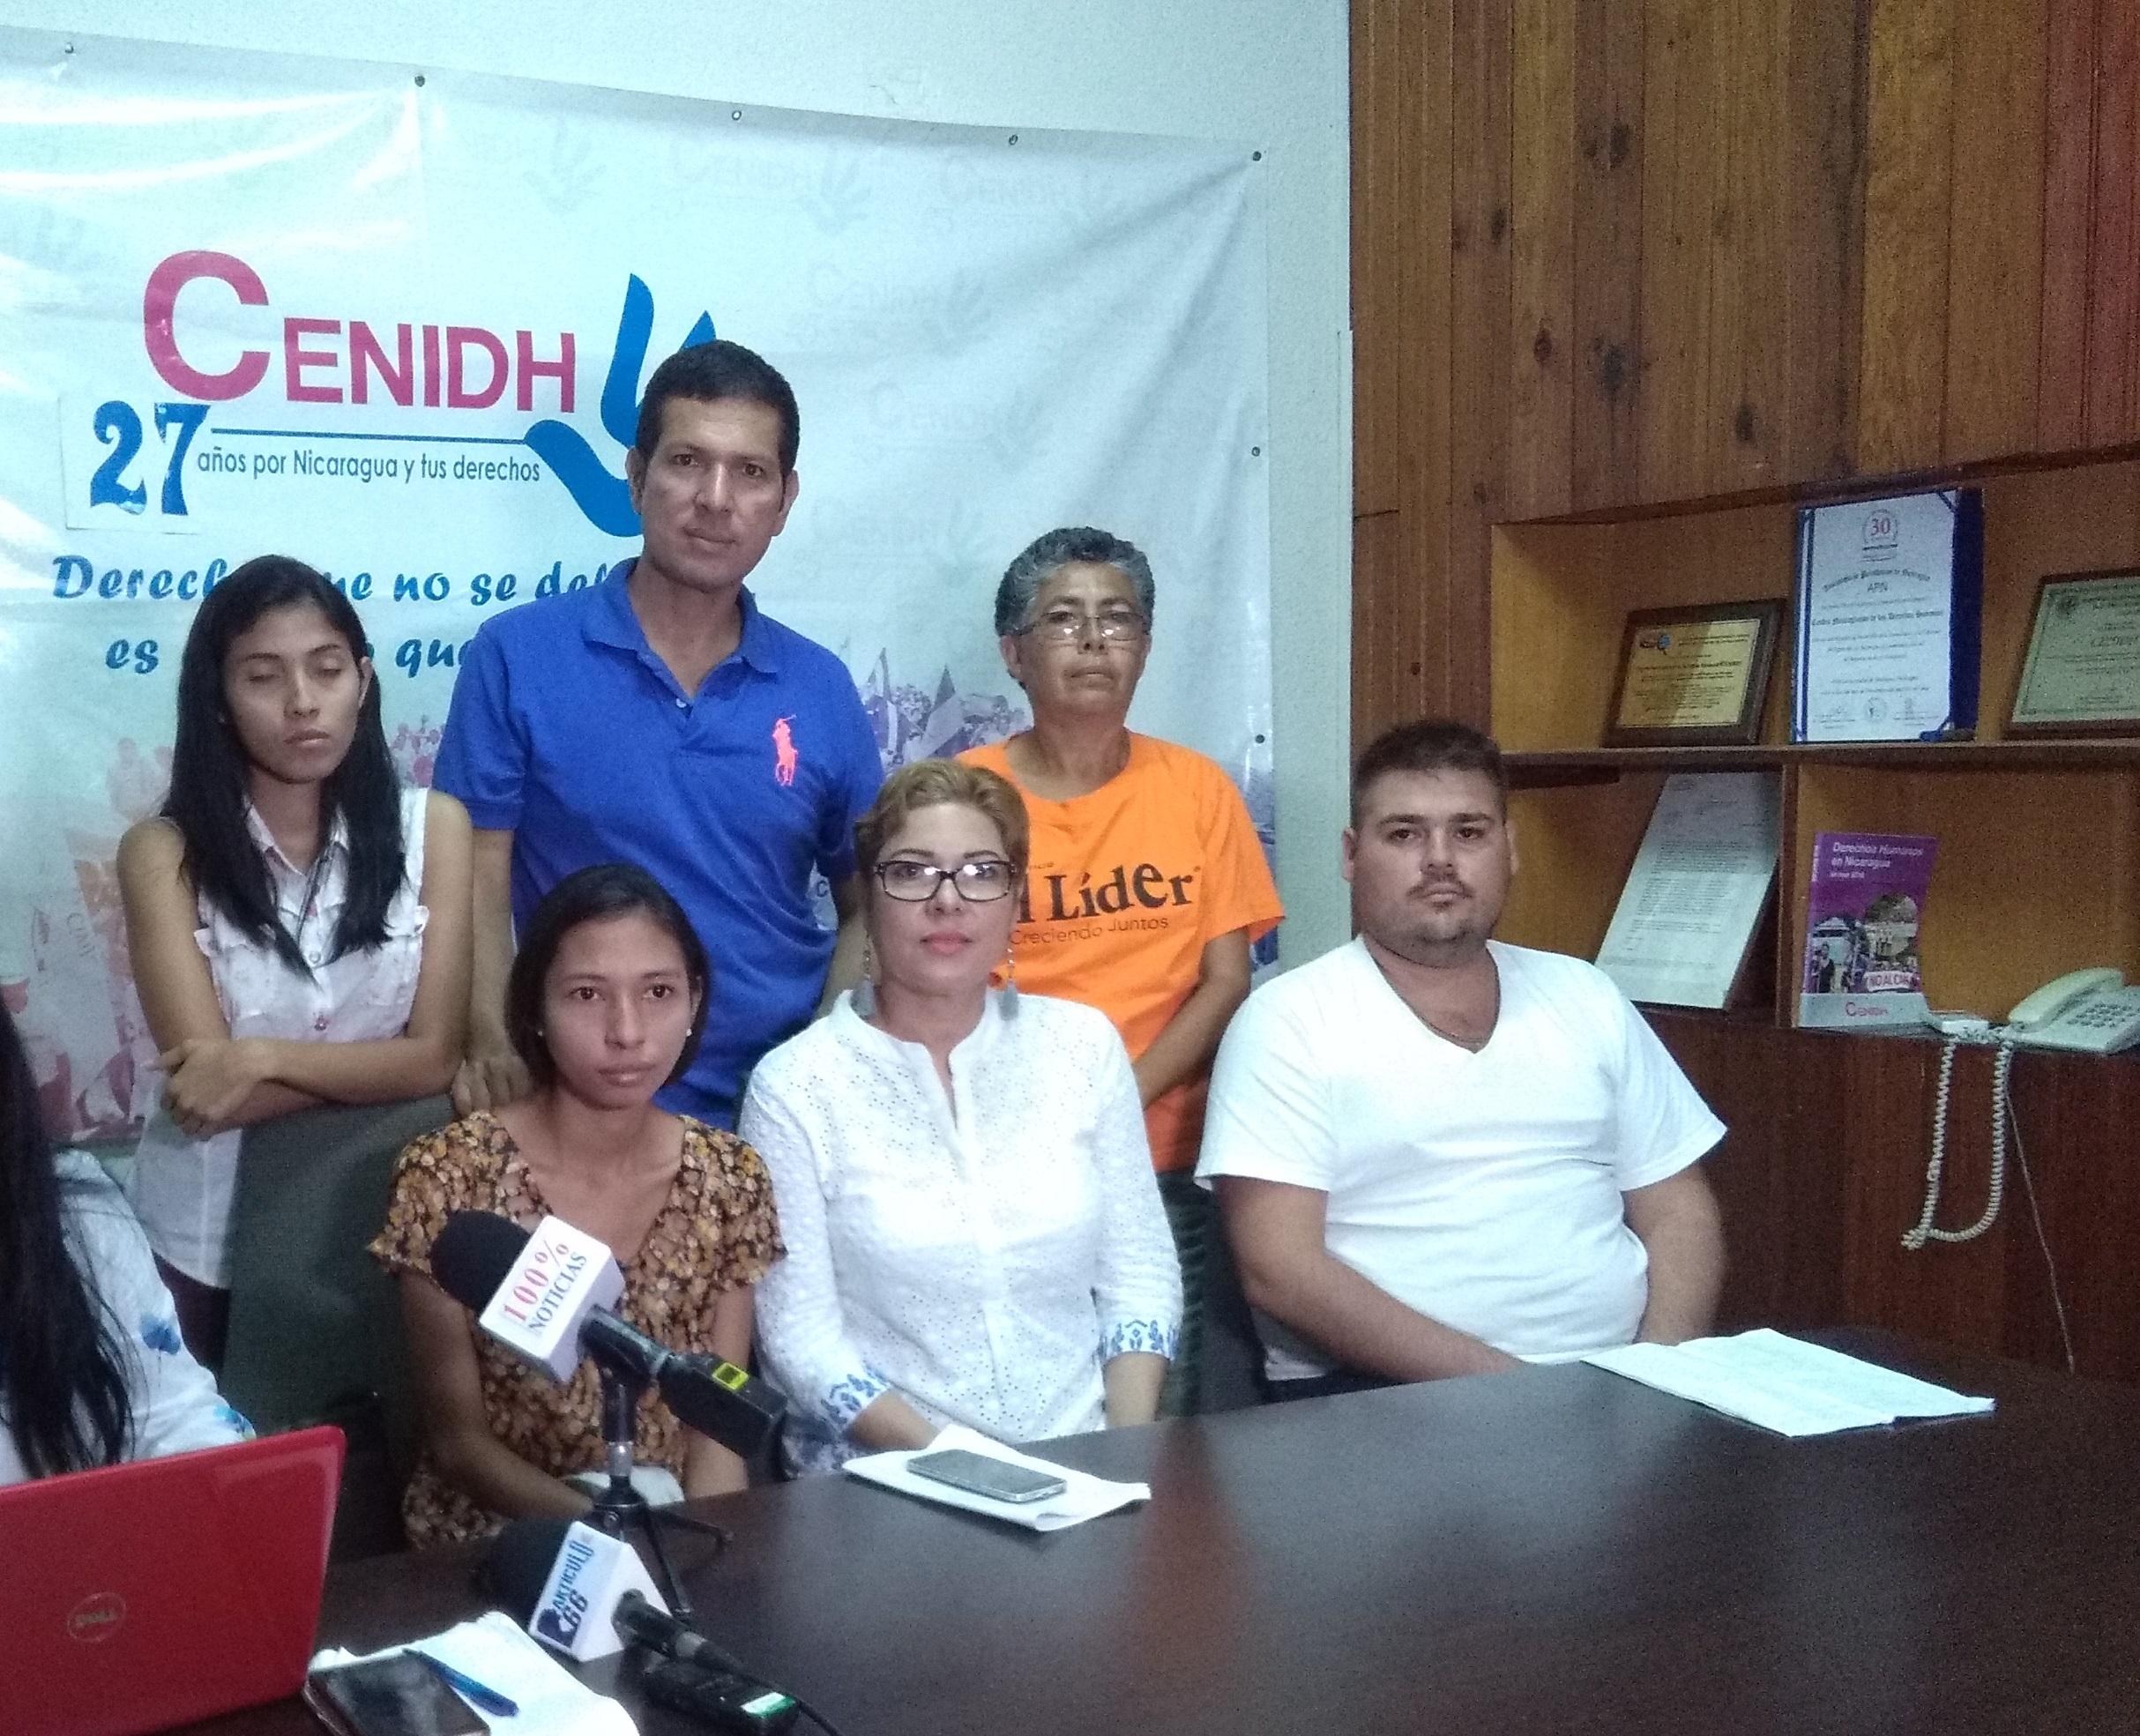 Miembros del M19 de La Paz Centro interponen denuncia ante el Cenidh. Foto: A. Cruz